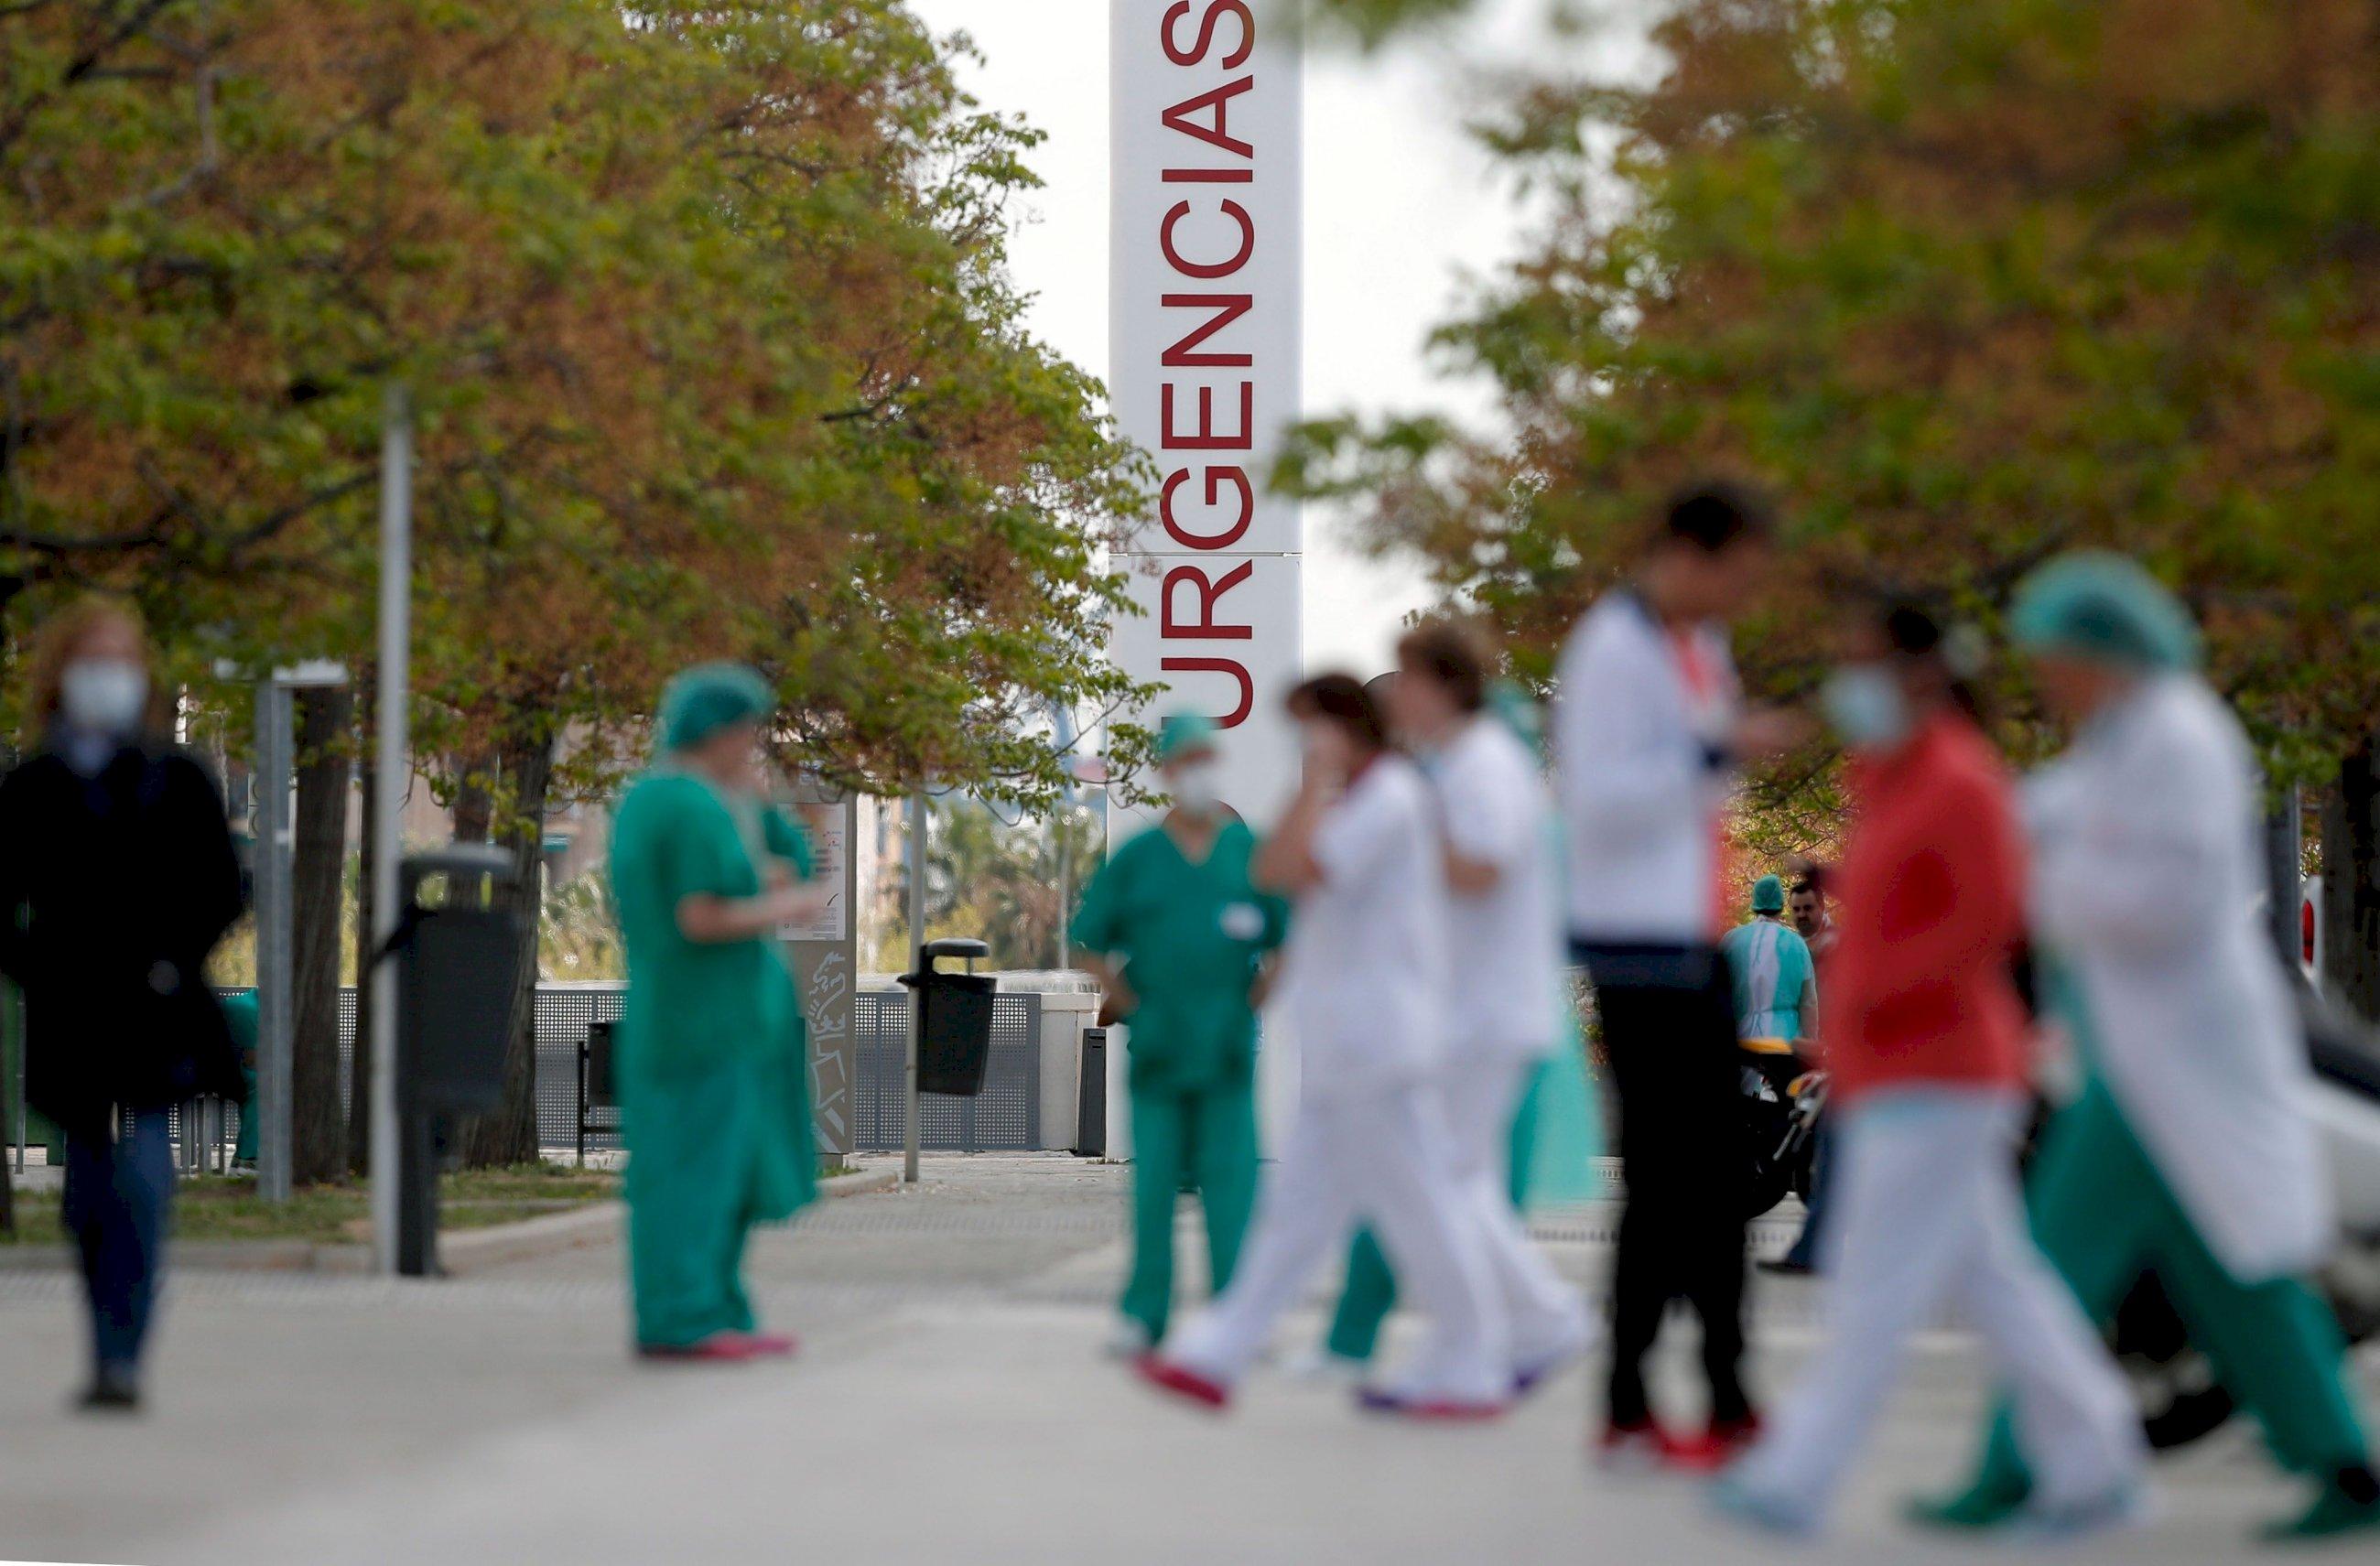 Trabajadores sanitarios del hospital La Fé de Valencia, en un momento de descanso en el duodécimo día del estado de alarma decretado por el Gobierno.EFE/ Kai Försterling